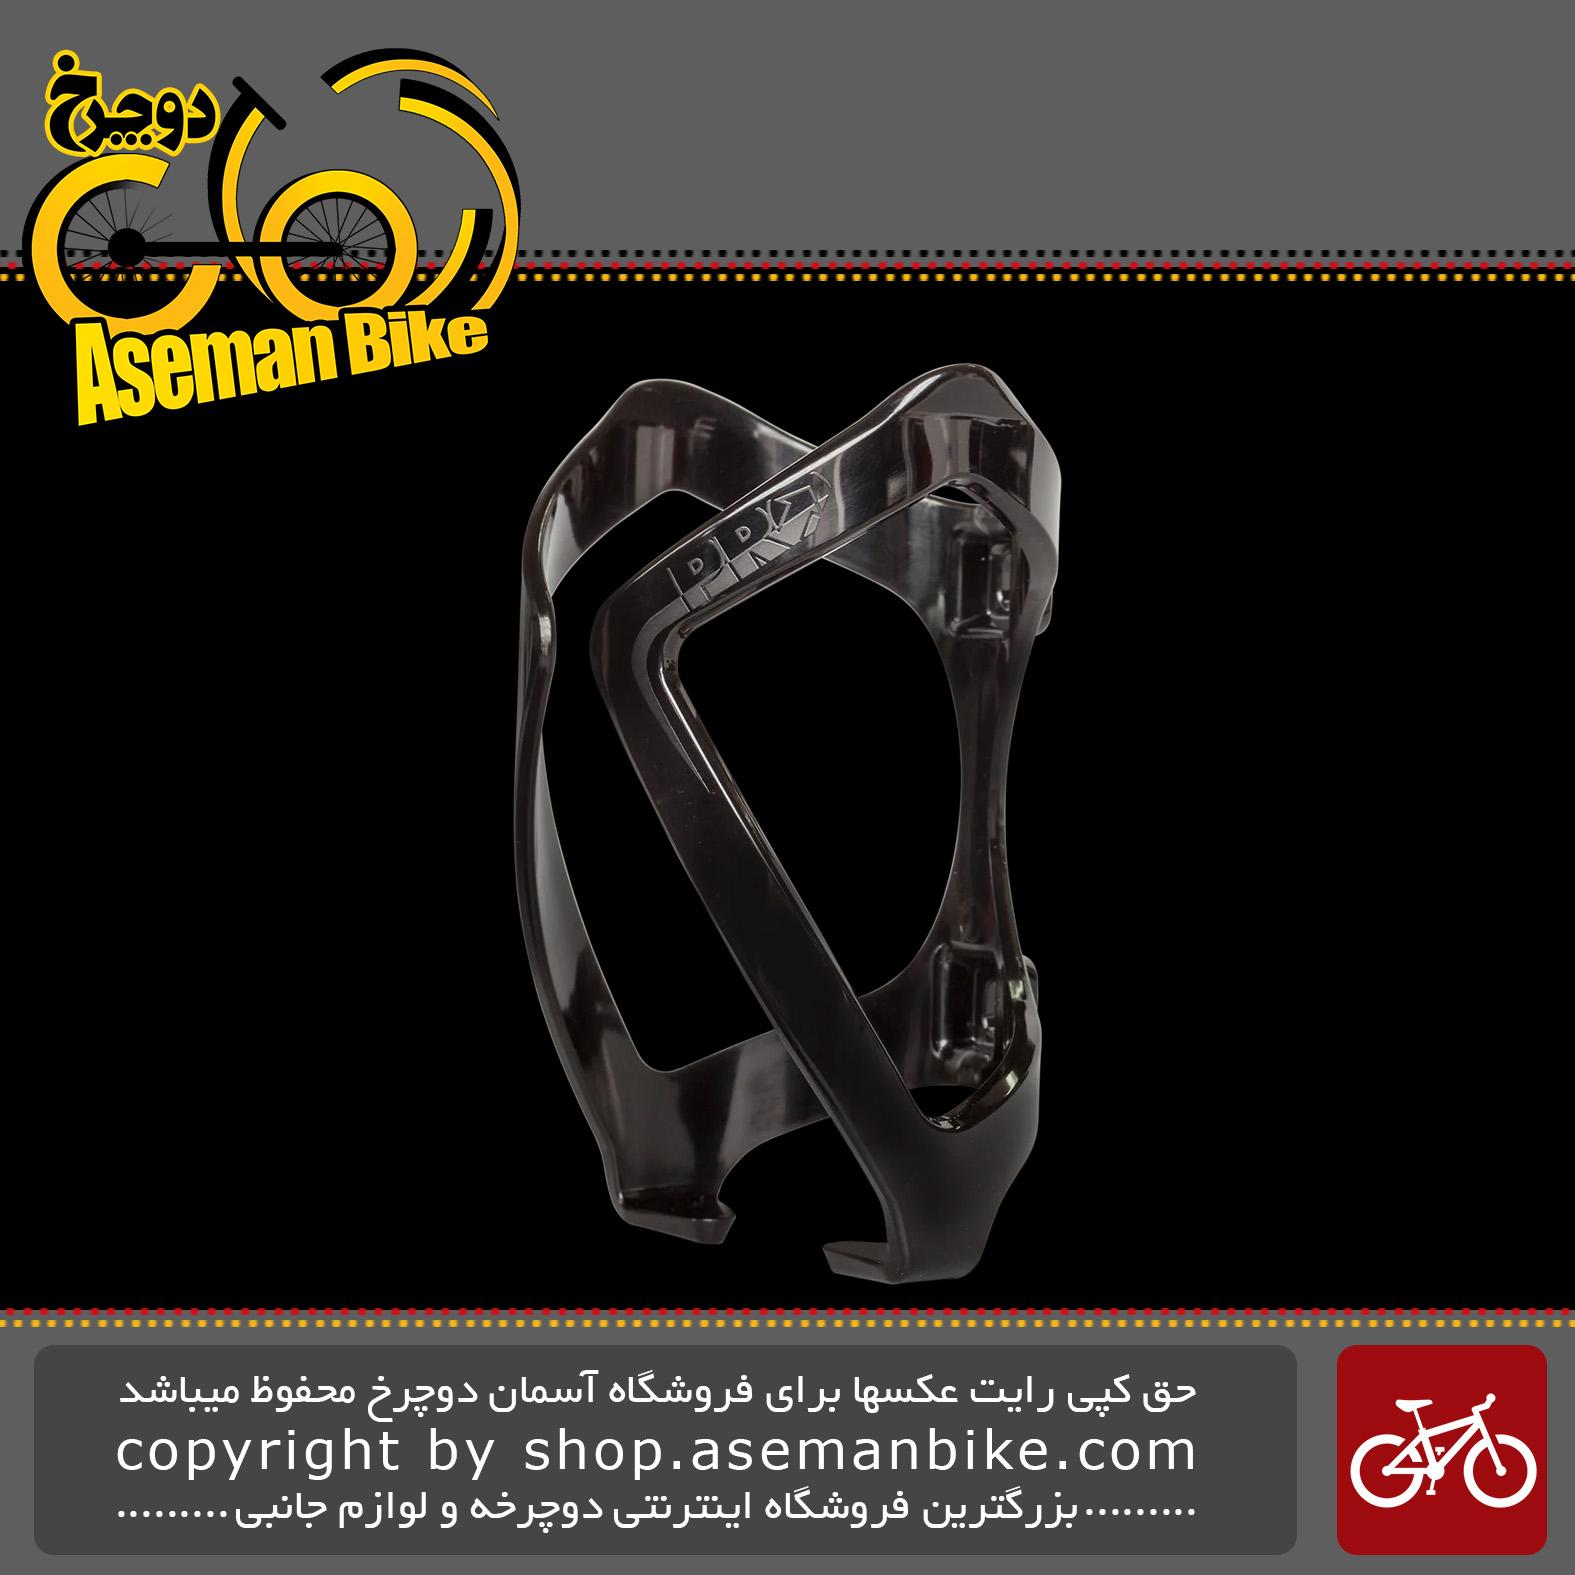 بست قمقمه دوچرخه پرو مدل پی سی 0029 PRO PC Cage PRBC0029